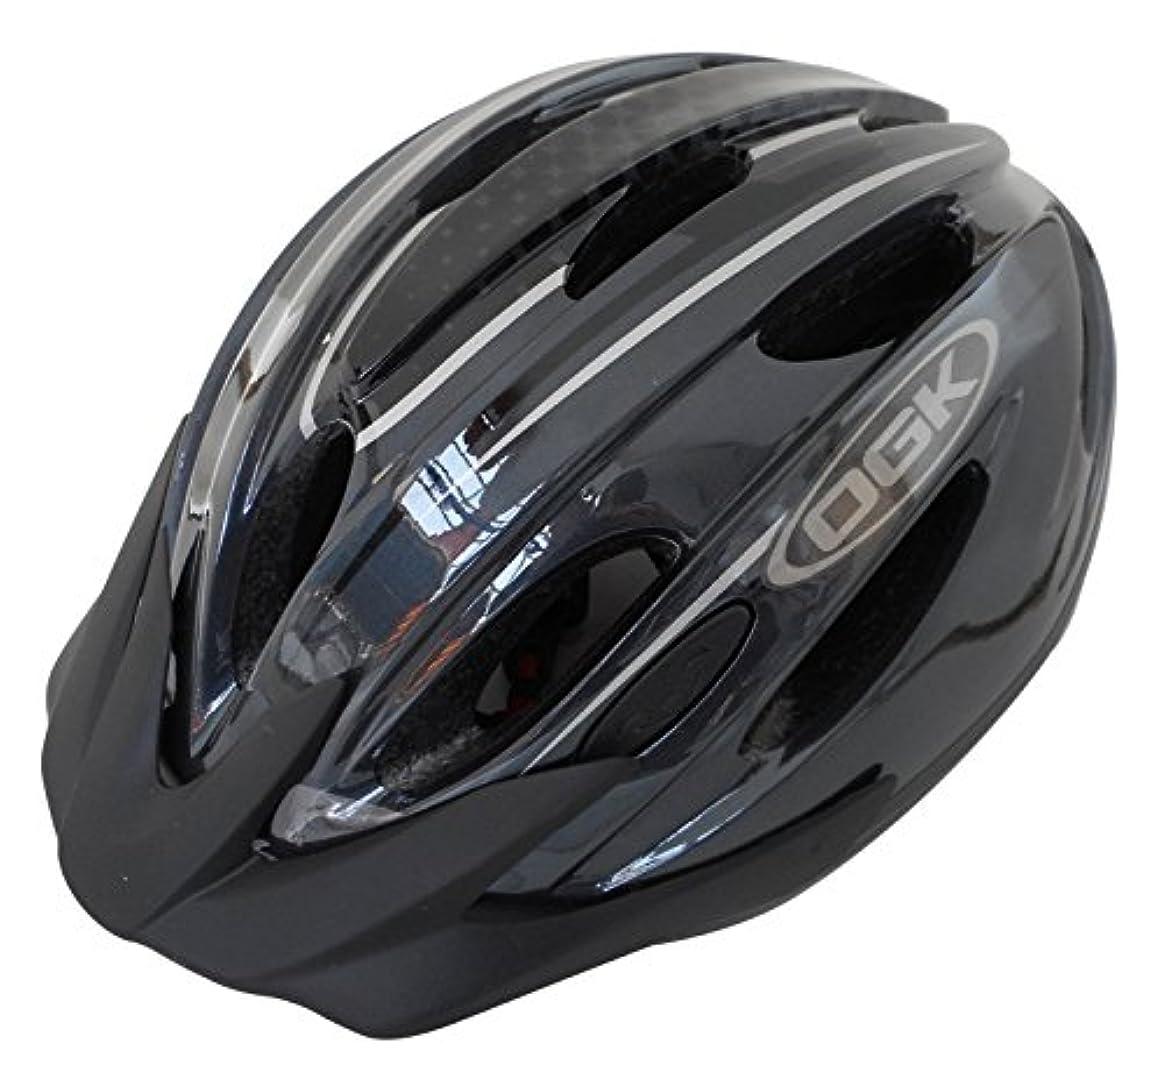 ディレクトリレビュー谷自転車 ヘルメット 大人用 57~60cm グレー 46296